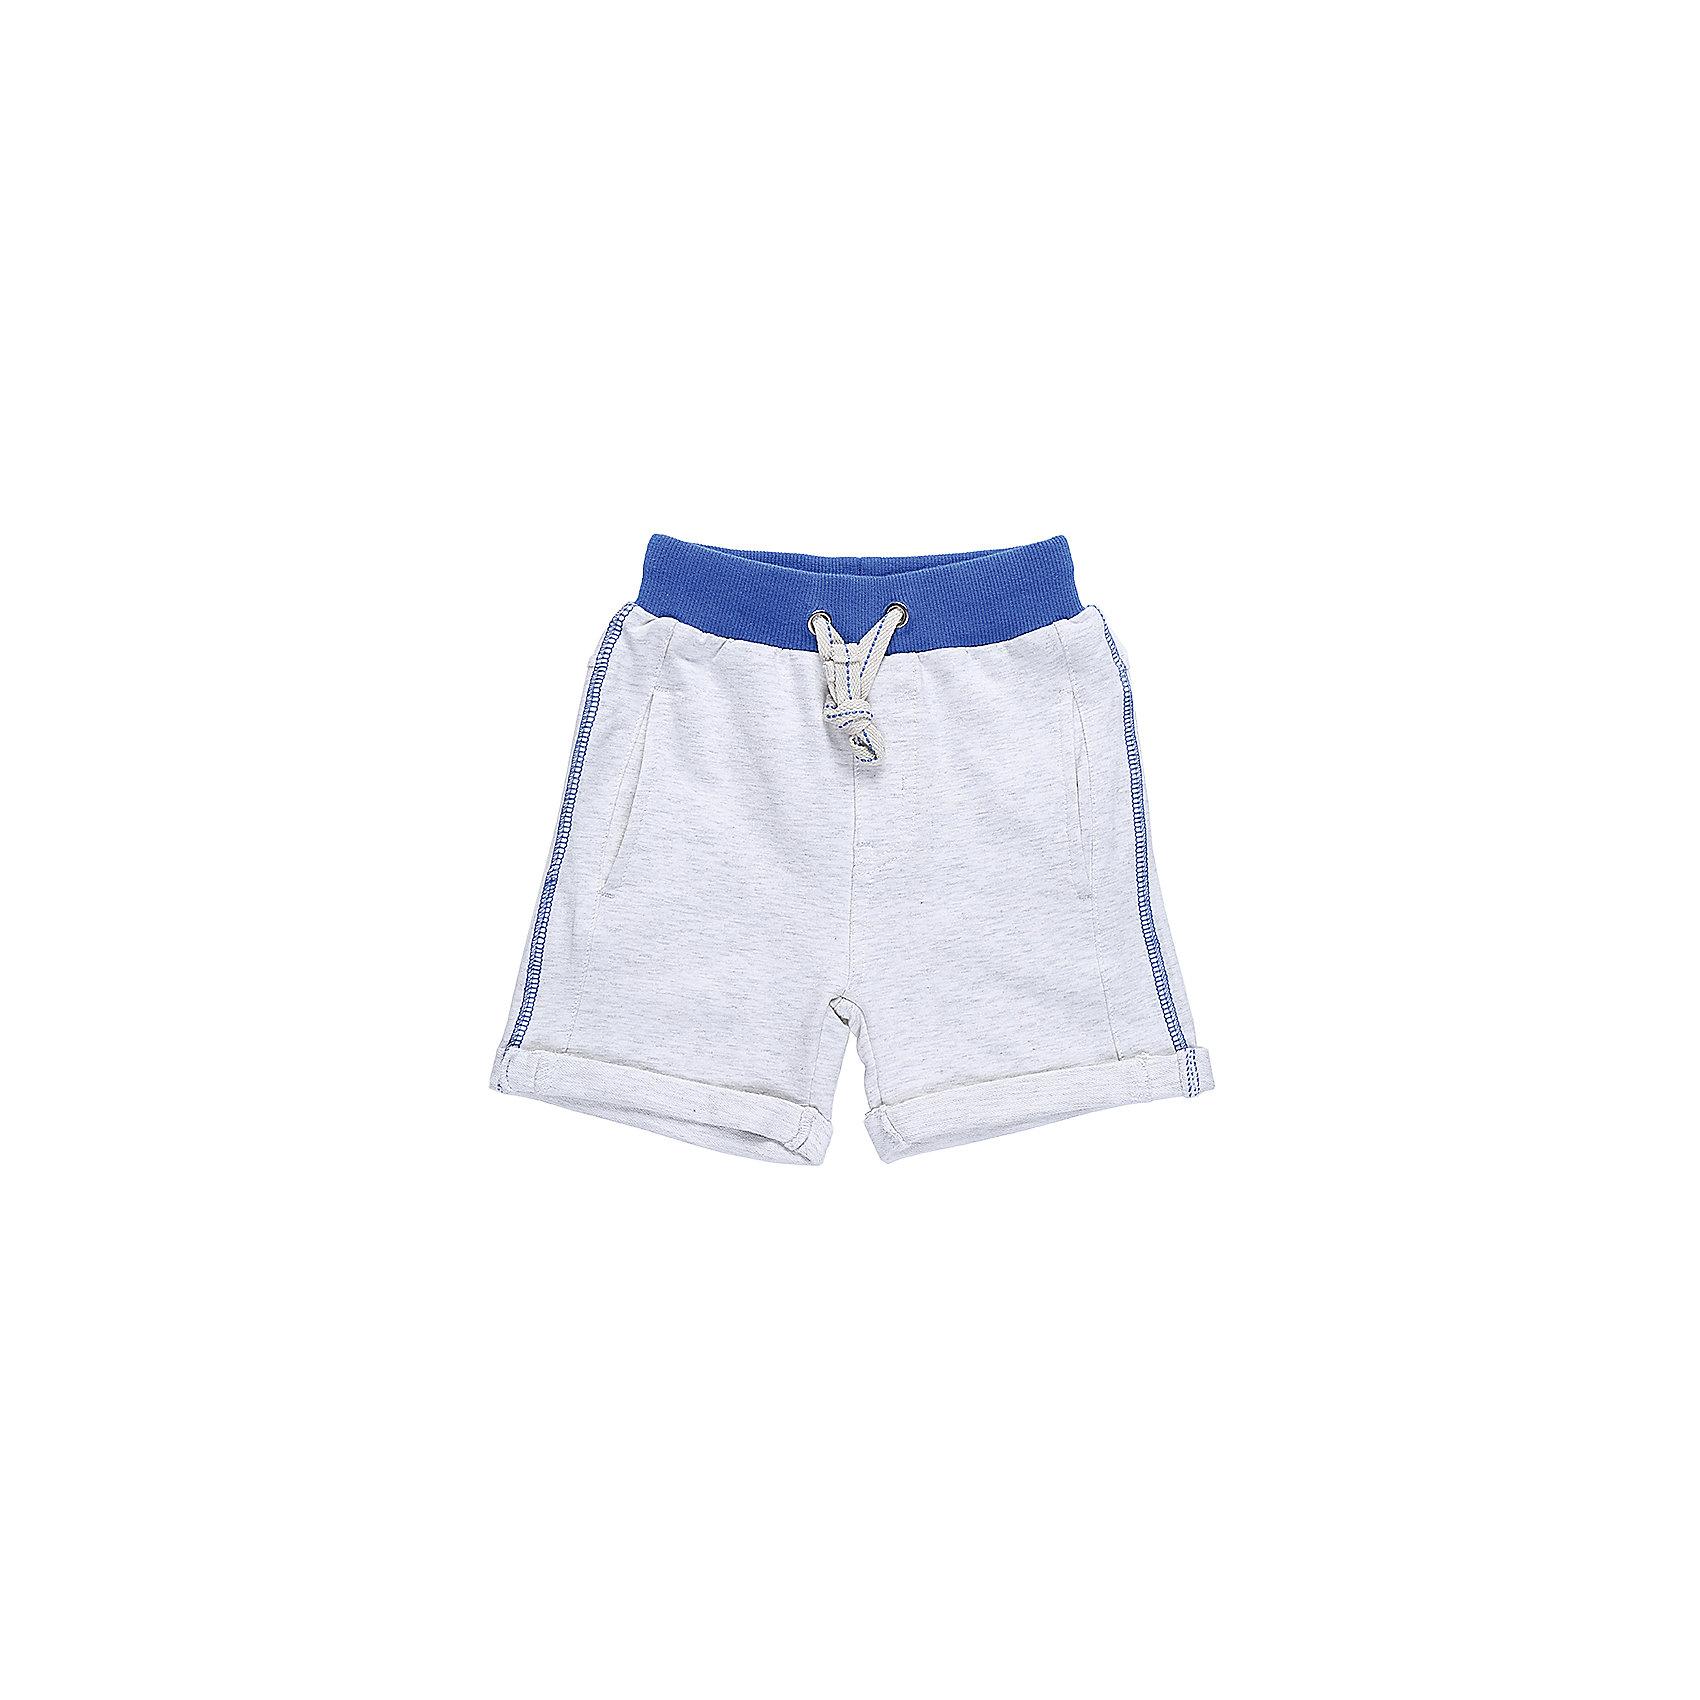 Шорты для мальчика Sweet BerryШорты и бриджи<br>Мягкие, трикотажные шорты с отворотом, под Джинсу для мальчика. Спереди два прорезных кармана. Пояс-резинка дополнен шнуром для регулирования объема.<br>Состав:<br>95%хлопок 5%эластан<br><br>Ширина мм: 191<br>Глубина мм: 10<br>Высота мм: 175<br>Вес г: 273<br>Цвет: серый<br>Возраст от месяцев: 12<br>Возраст до месяцев: 15<br>Пол: Мужской<br>Возраст: Детский<br>Размер: 80,86,92,98<br>SKU: 5411576